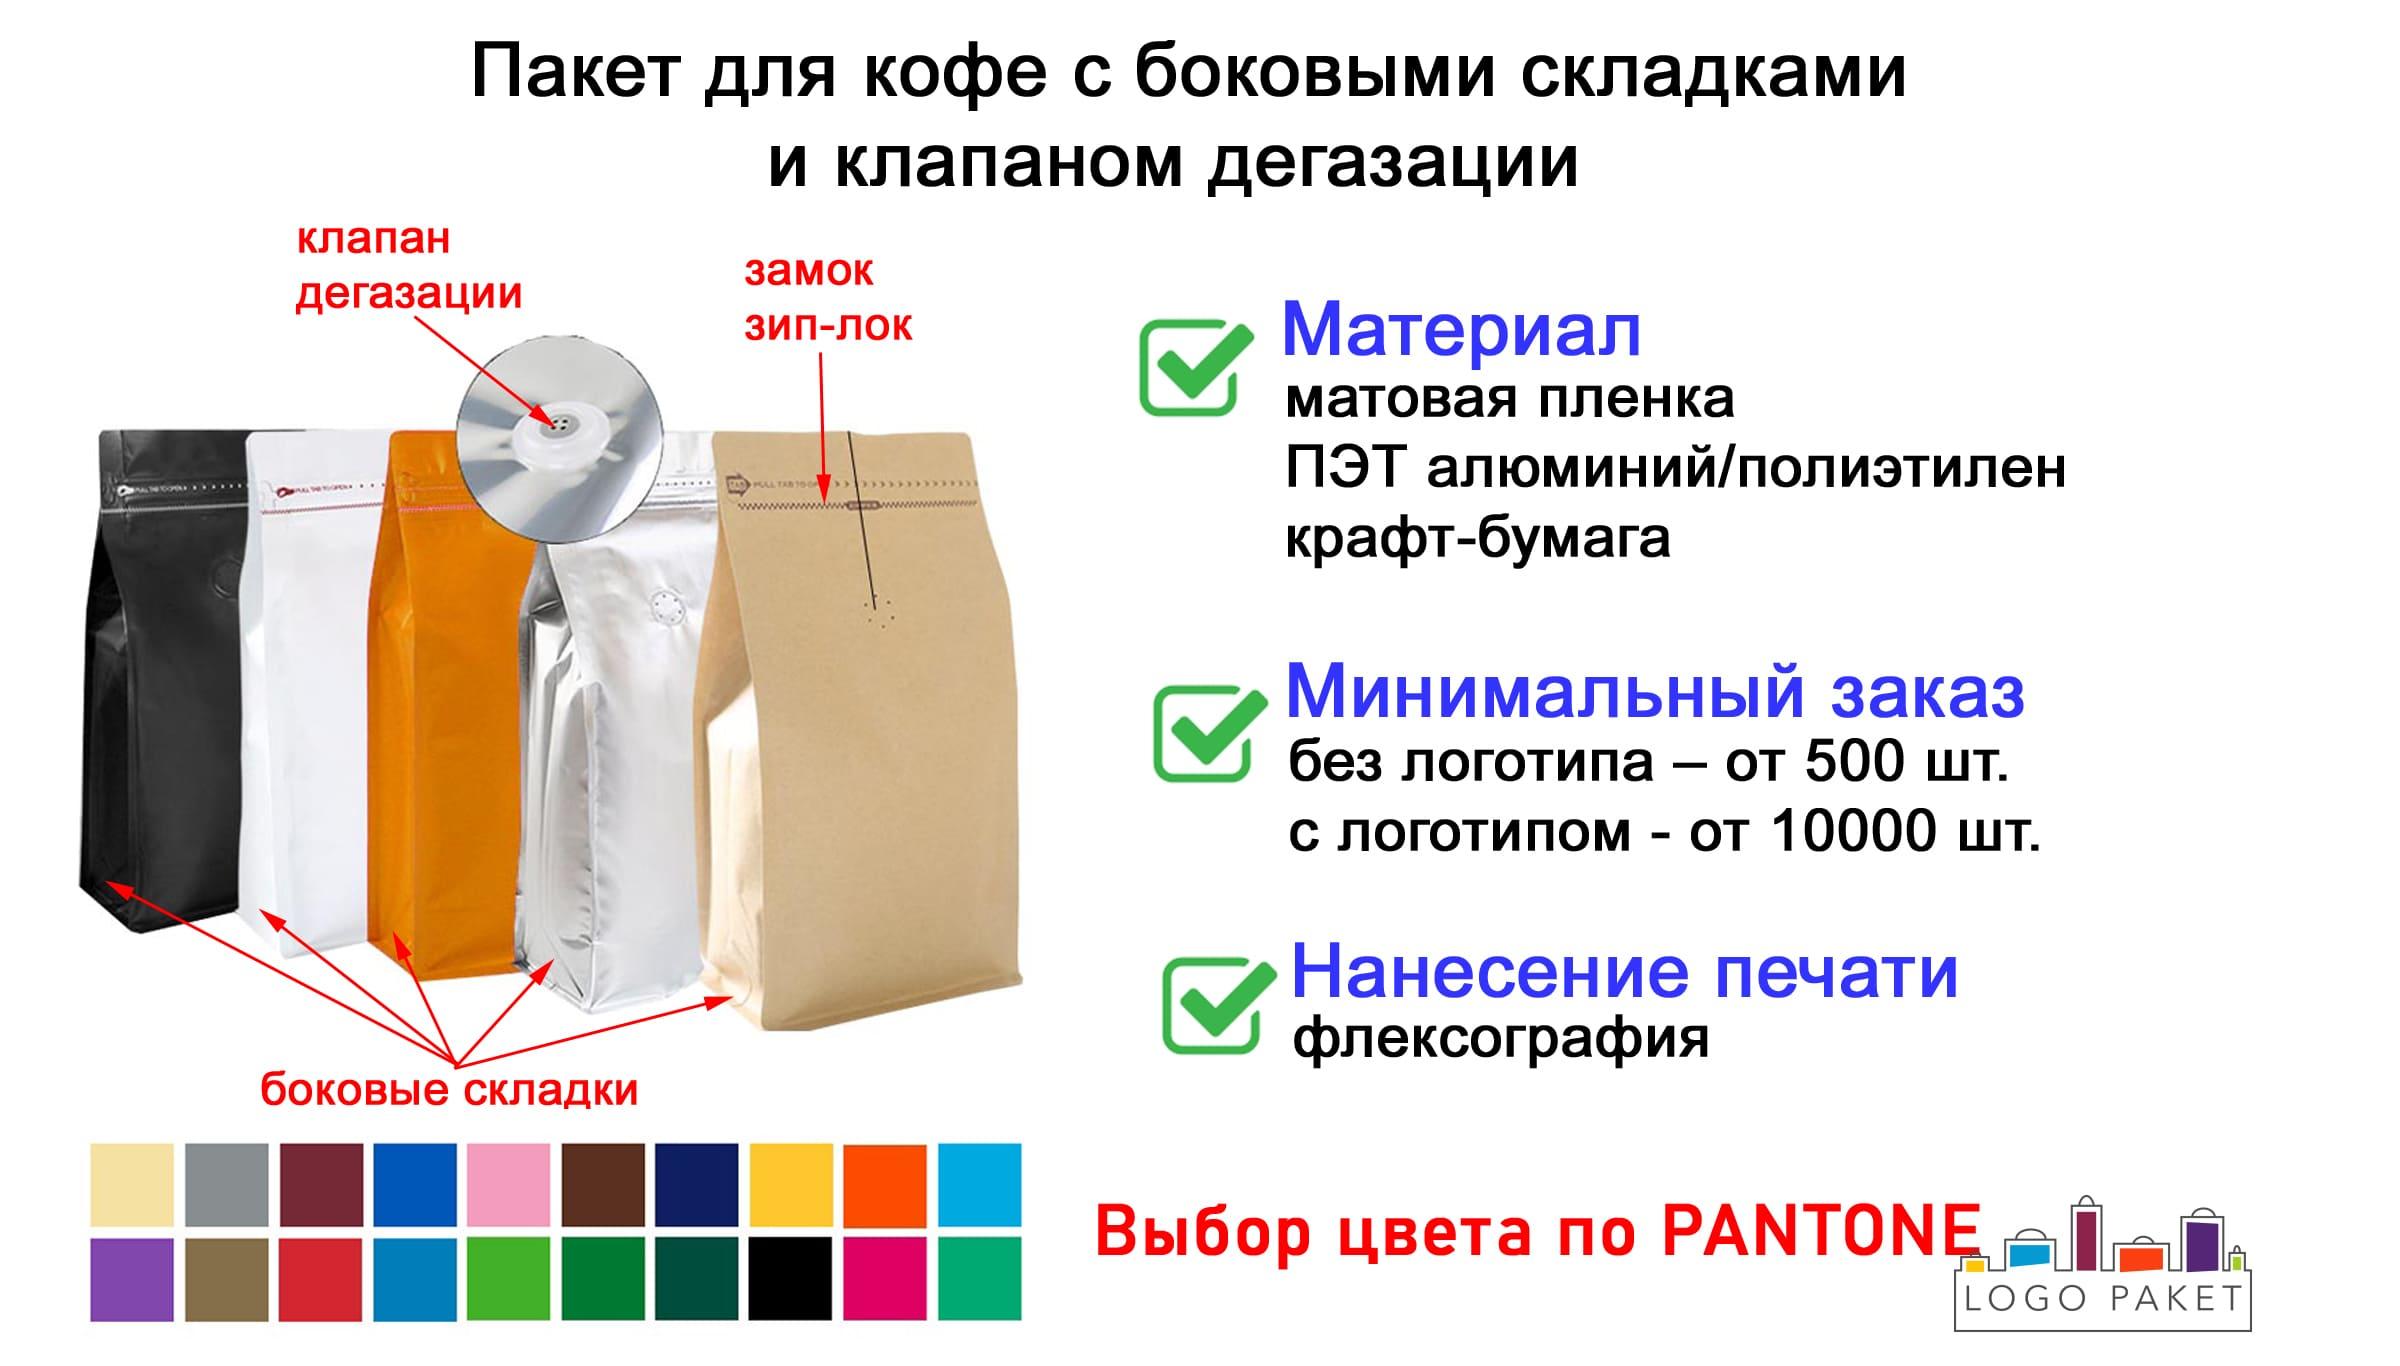 Пакет для кофе инфографика